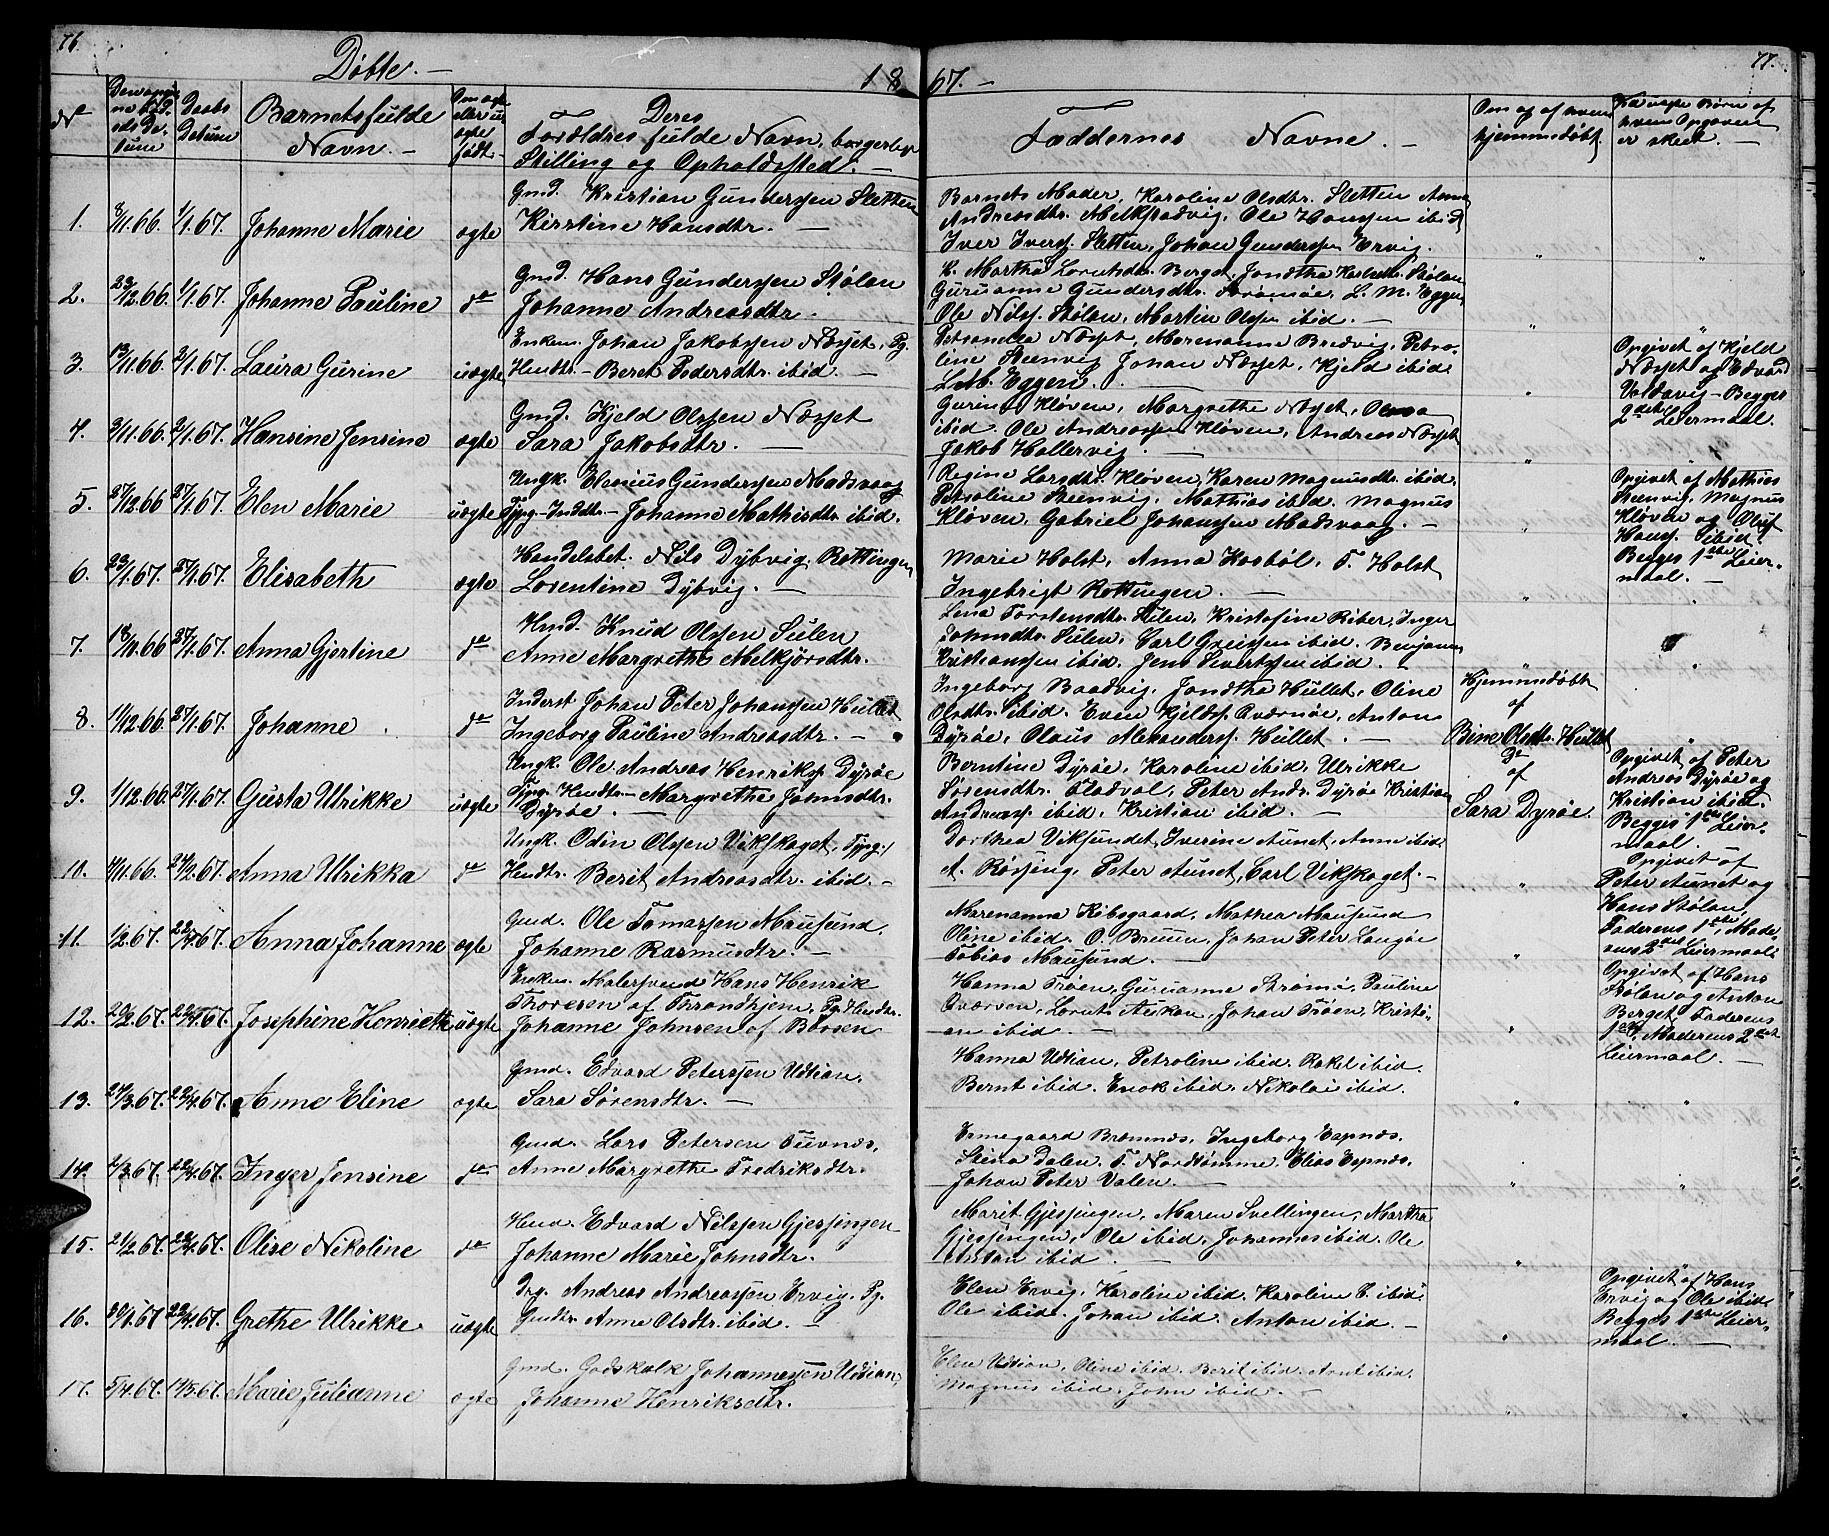 SAT, Ministerialprotokoller, klokkerbøker og fødselsregistre - Sør-Trøndelag, 640/L0583: Klokkerbok nr. 640C01, 1866-1877, s. 76-77